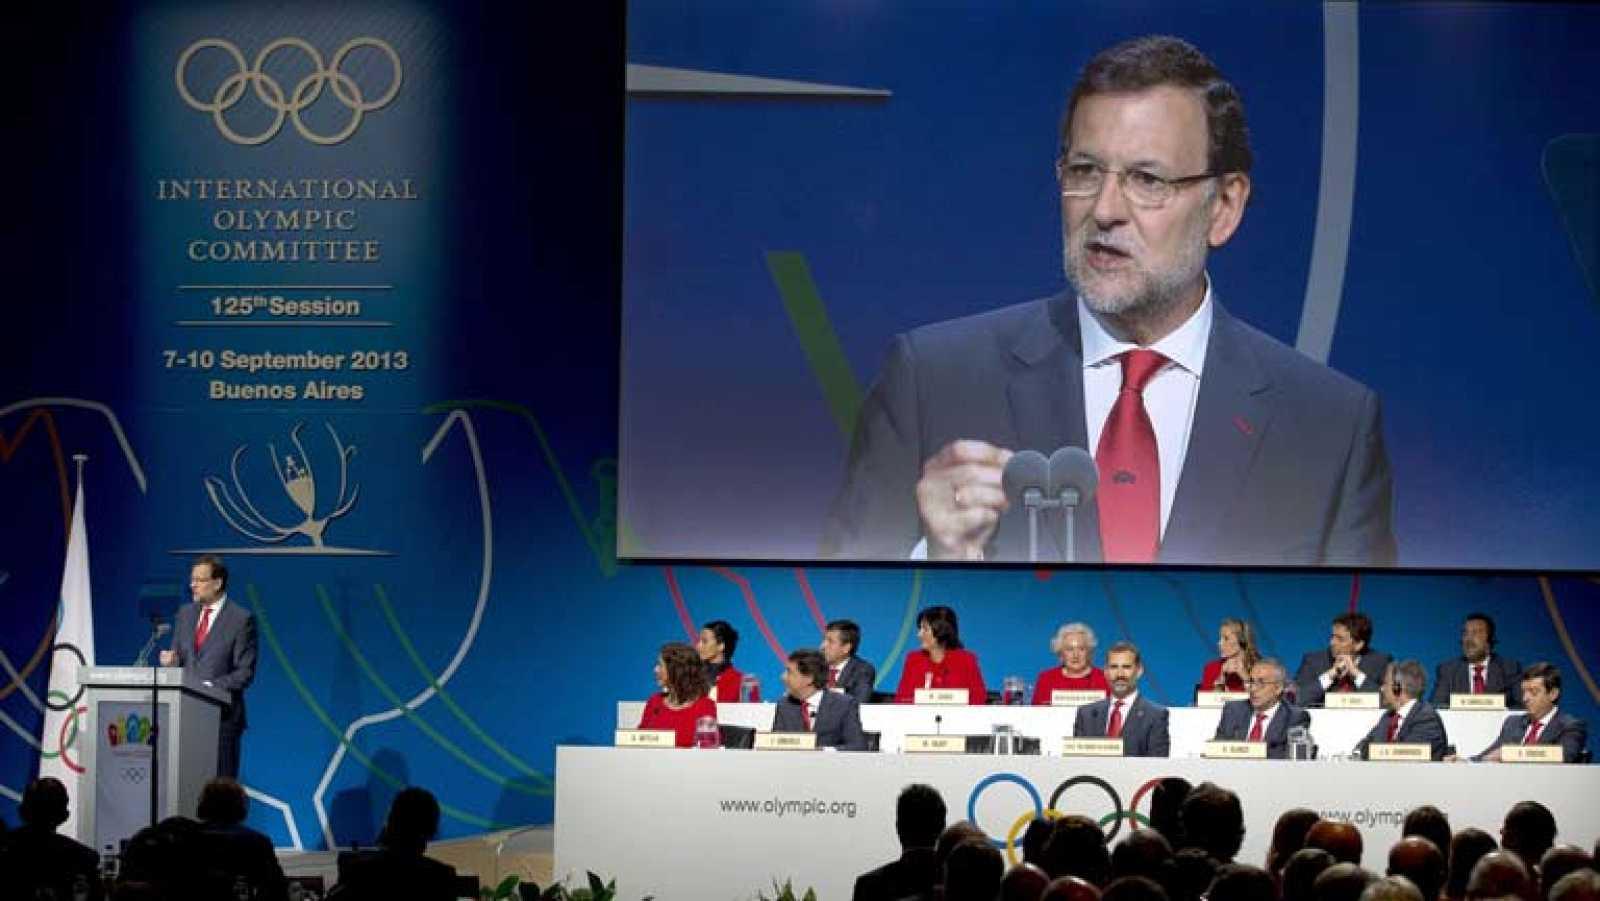 El presidente del Gobierno, Mariano Rajoy, ha defendido ante los  miembros del COI, que en unas horas votarán la ciudad que organizará  los Juegos Olímpicos y Paralímpicos de 2020, la base financiera de la  candidatura de Madrid para acabar con cualq